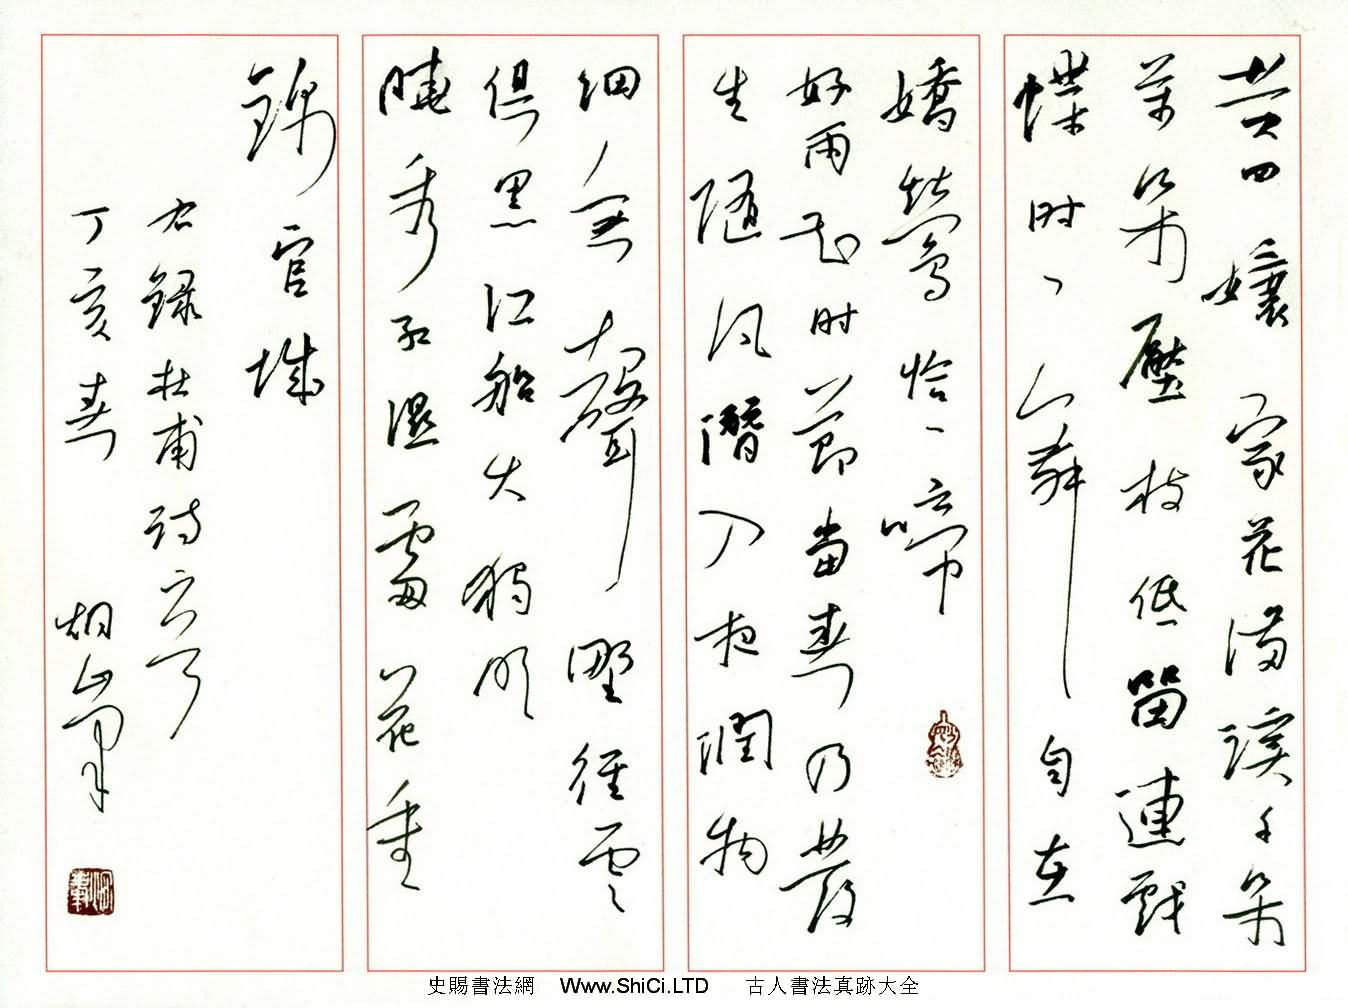 李炯峰硬筆書法真跡欣賞(共9張圖片)